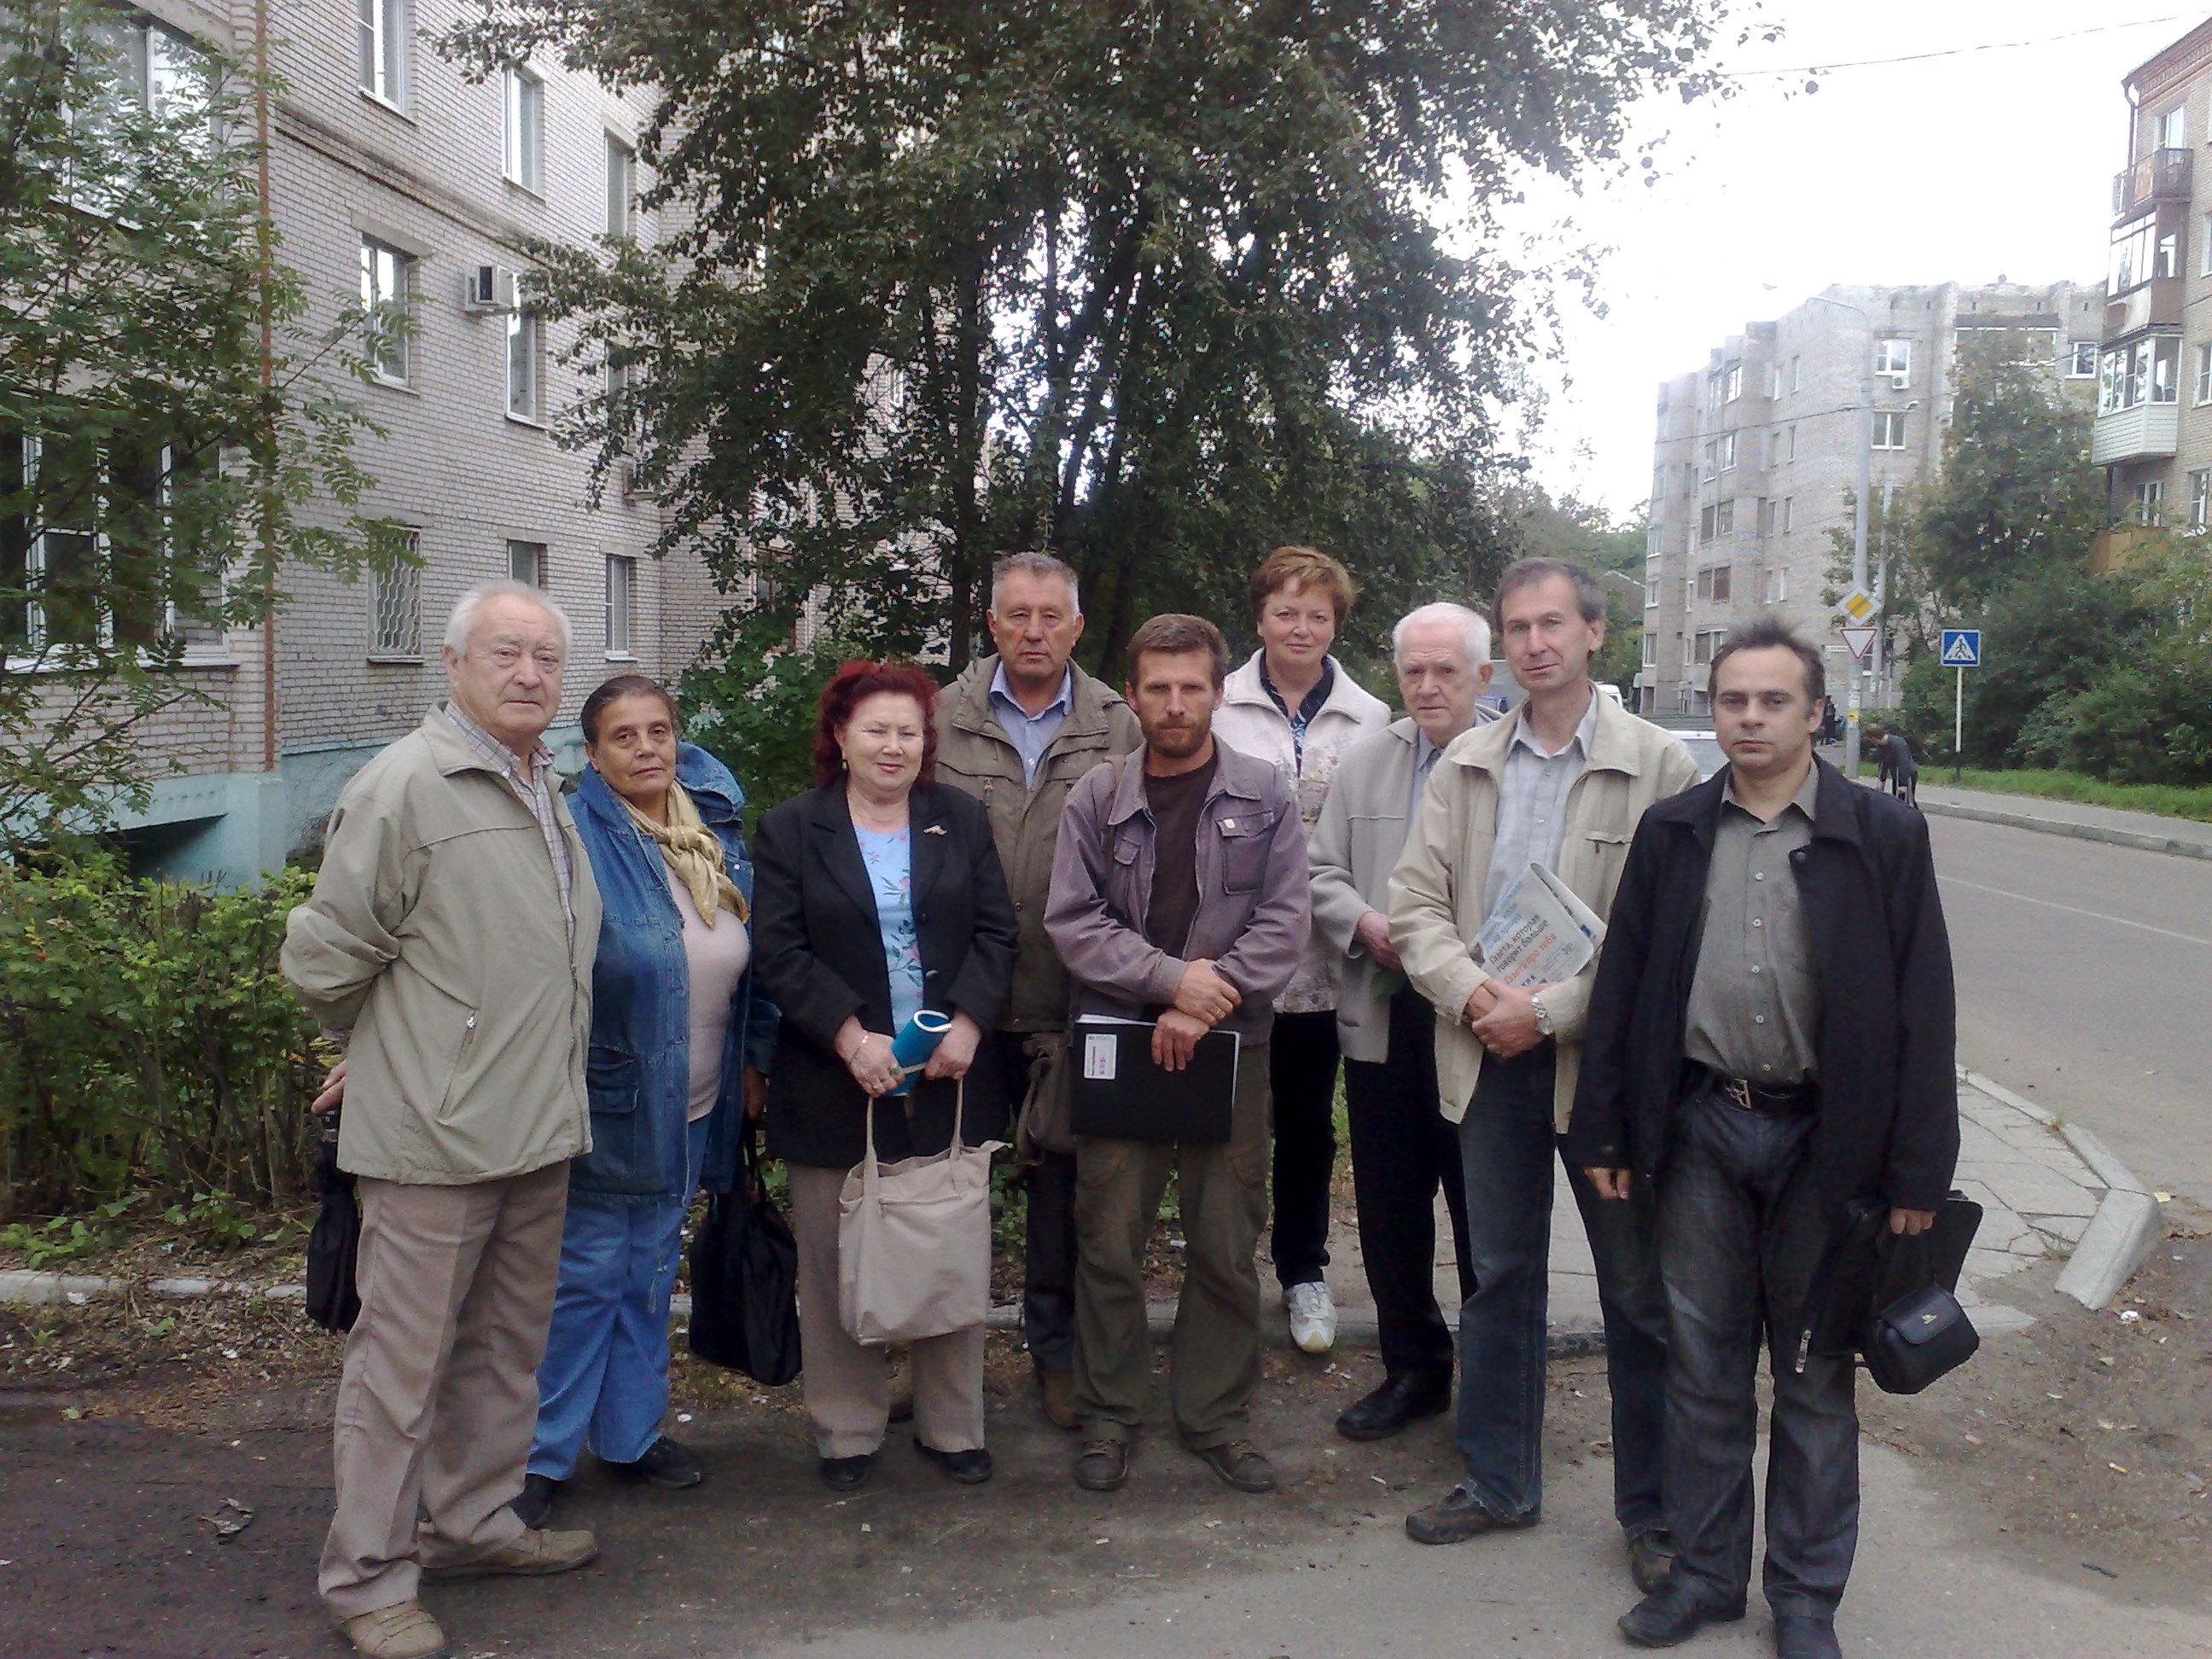 Совет народной власти г. Загорска и Загорского района (СНВ) 230820123679